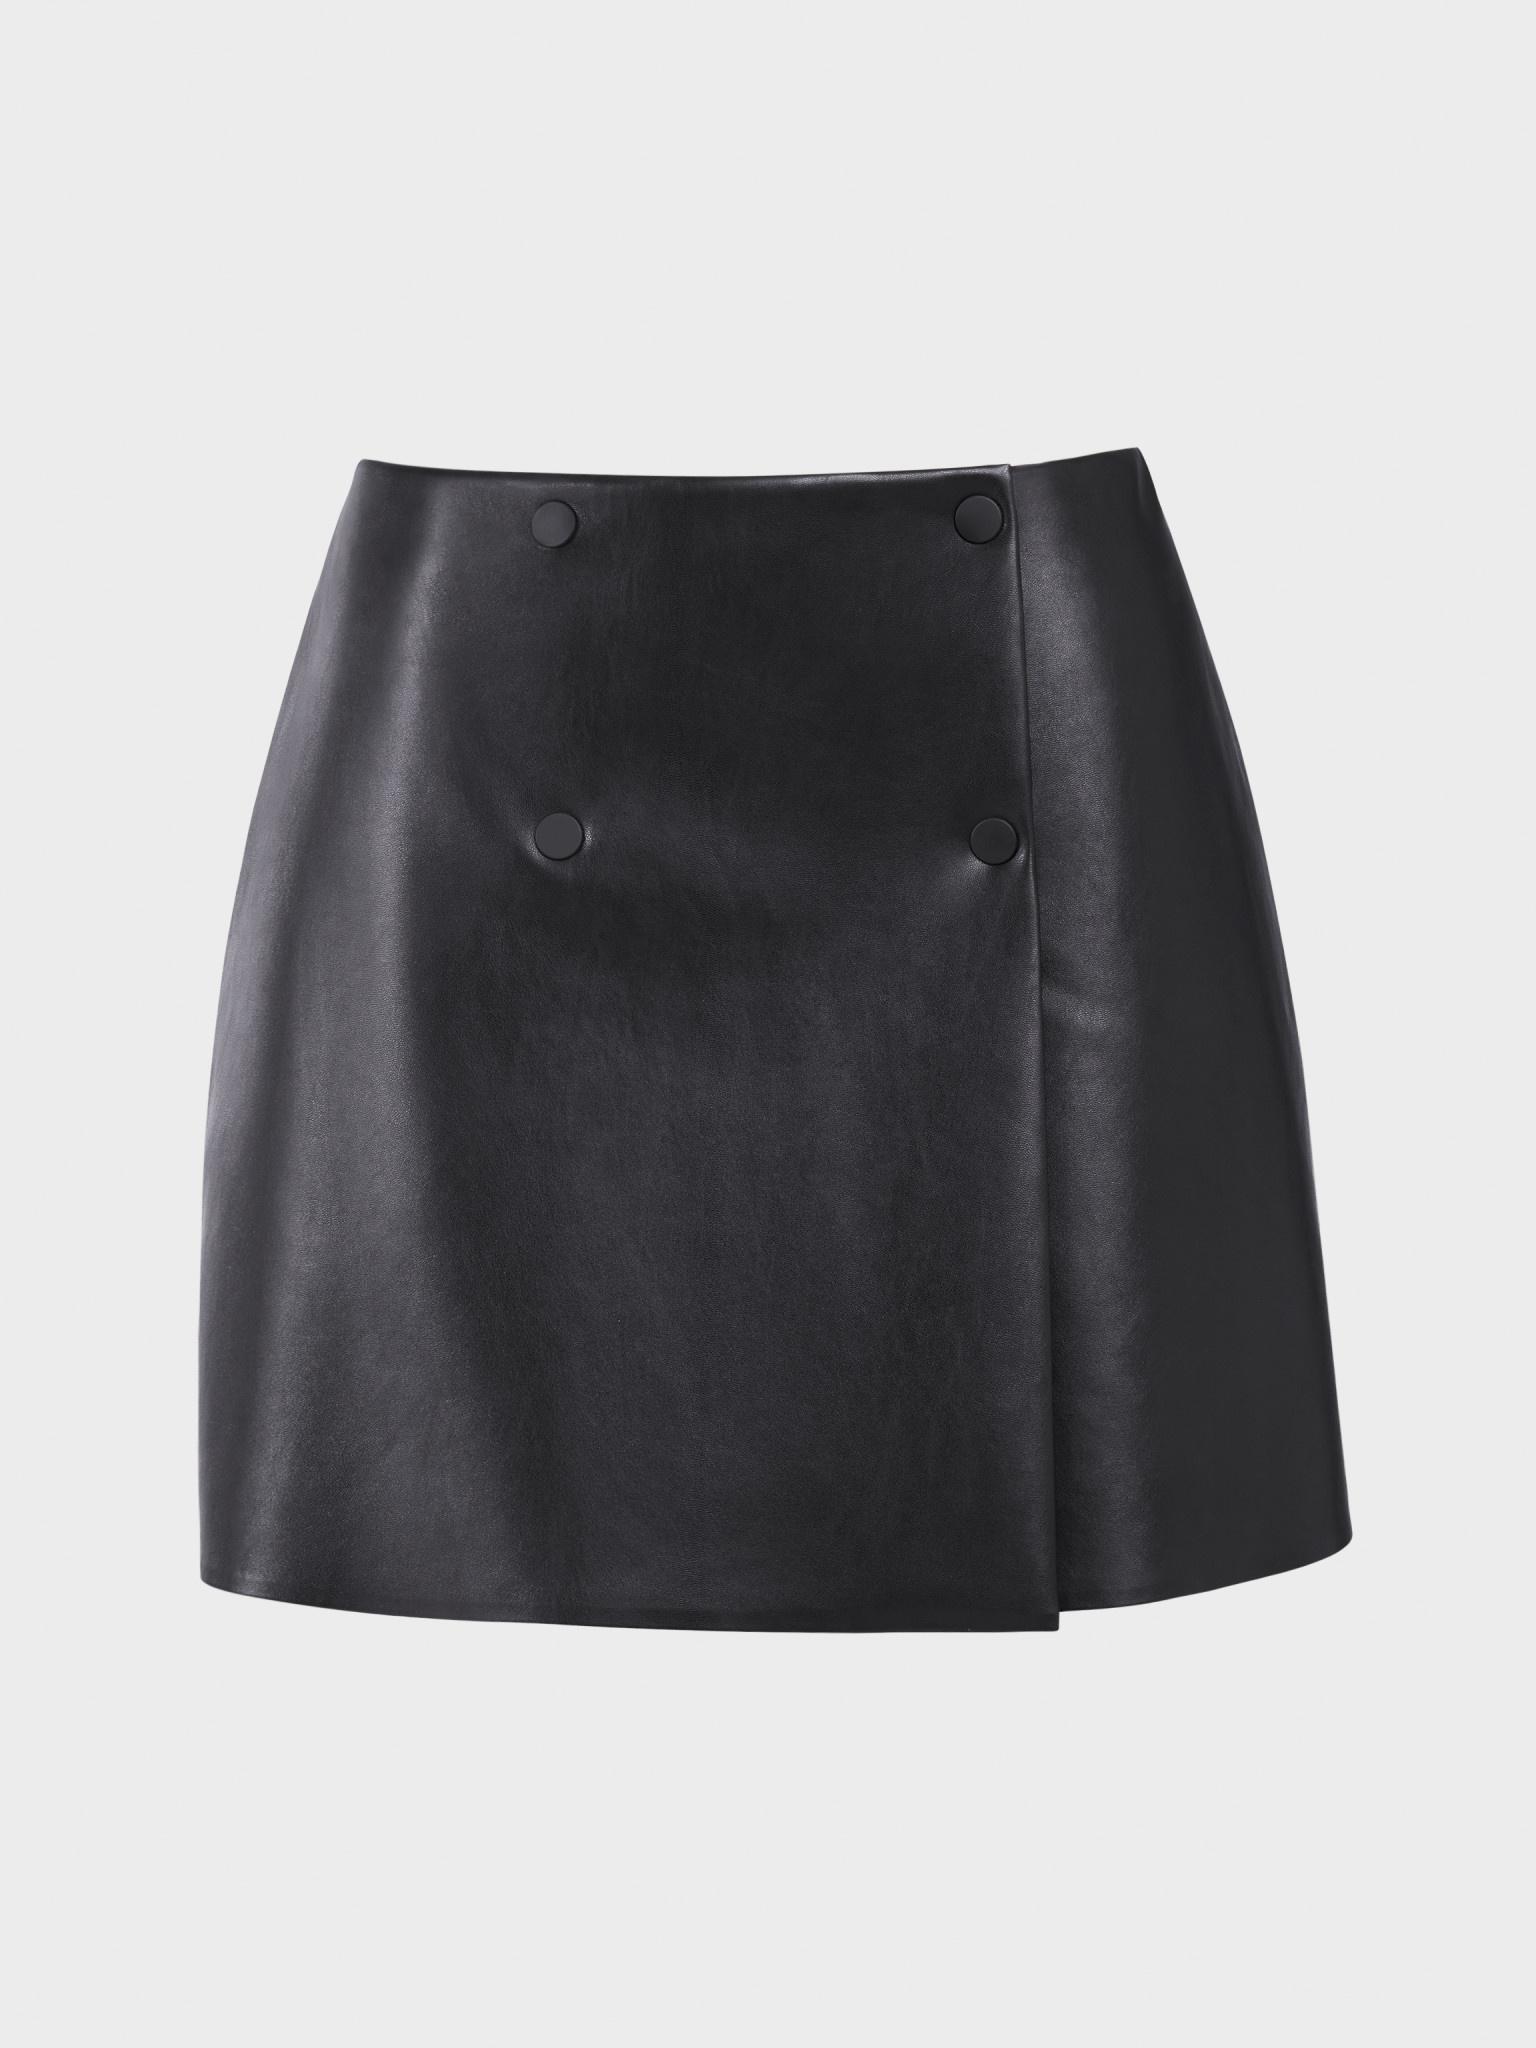 WOLFORD 52761 Edie Skirt